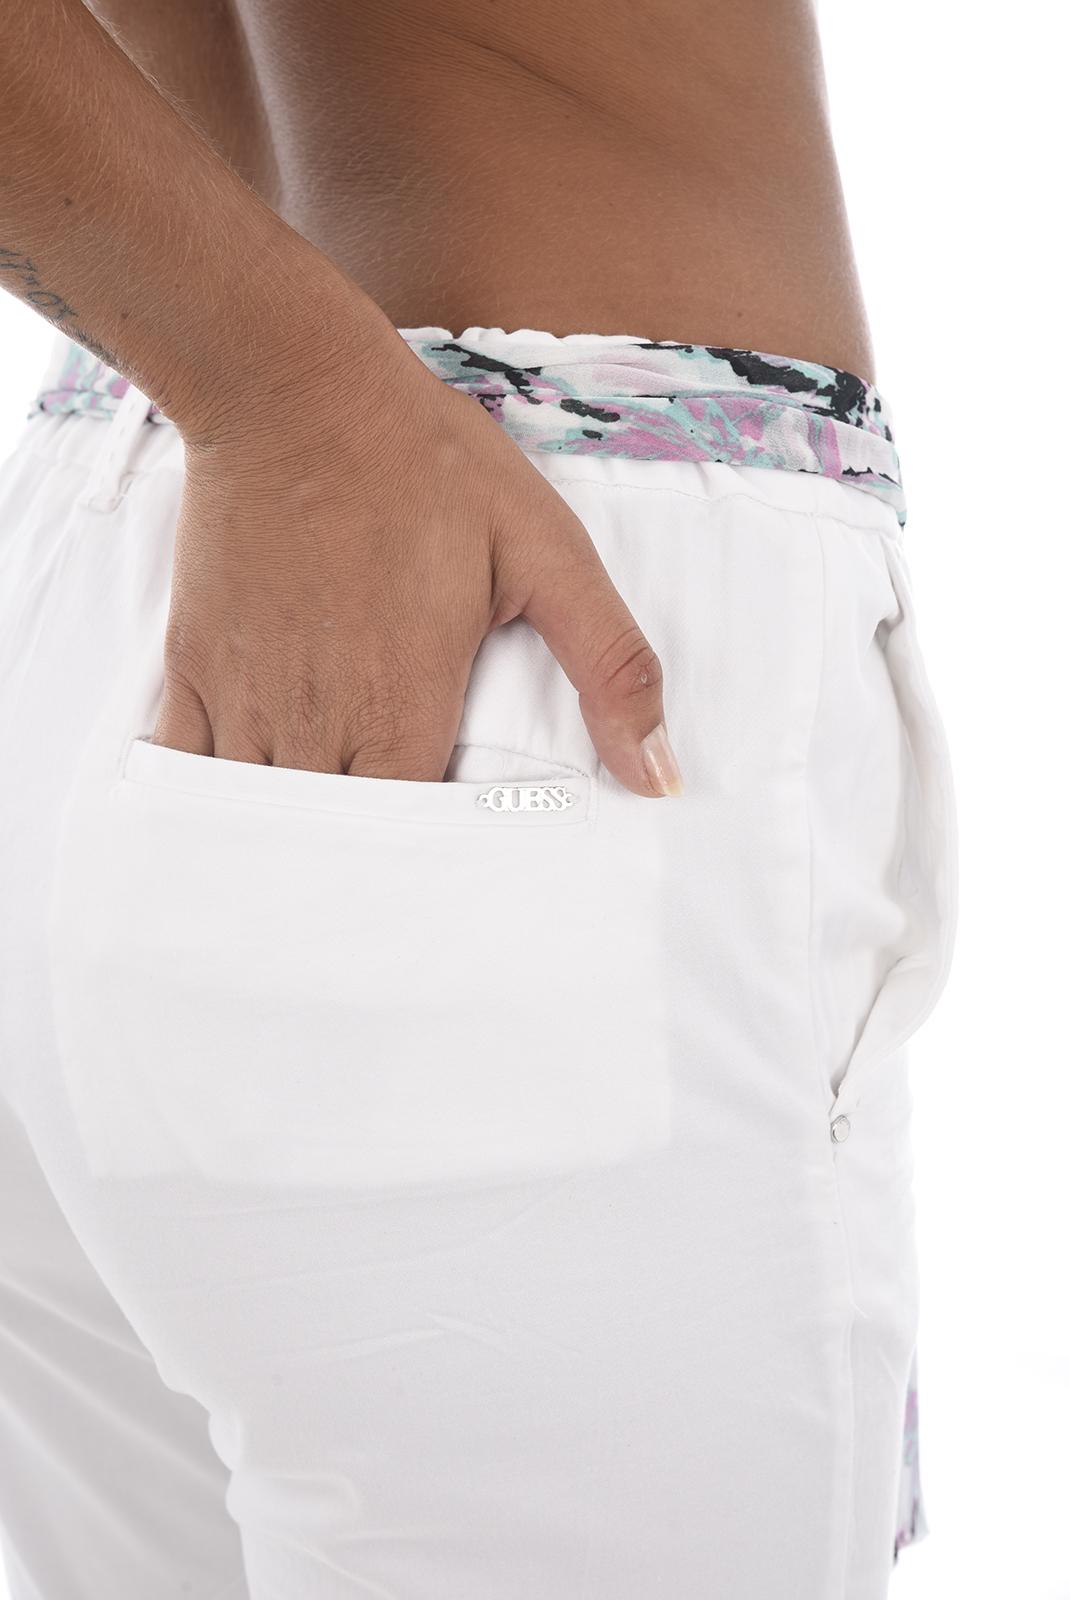 Pantalons  Guess jeans W82B12 WA0C0 A000 WHITE